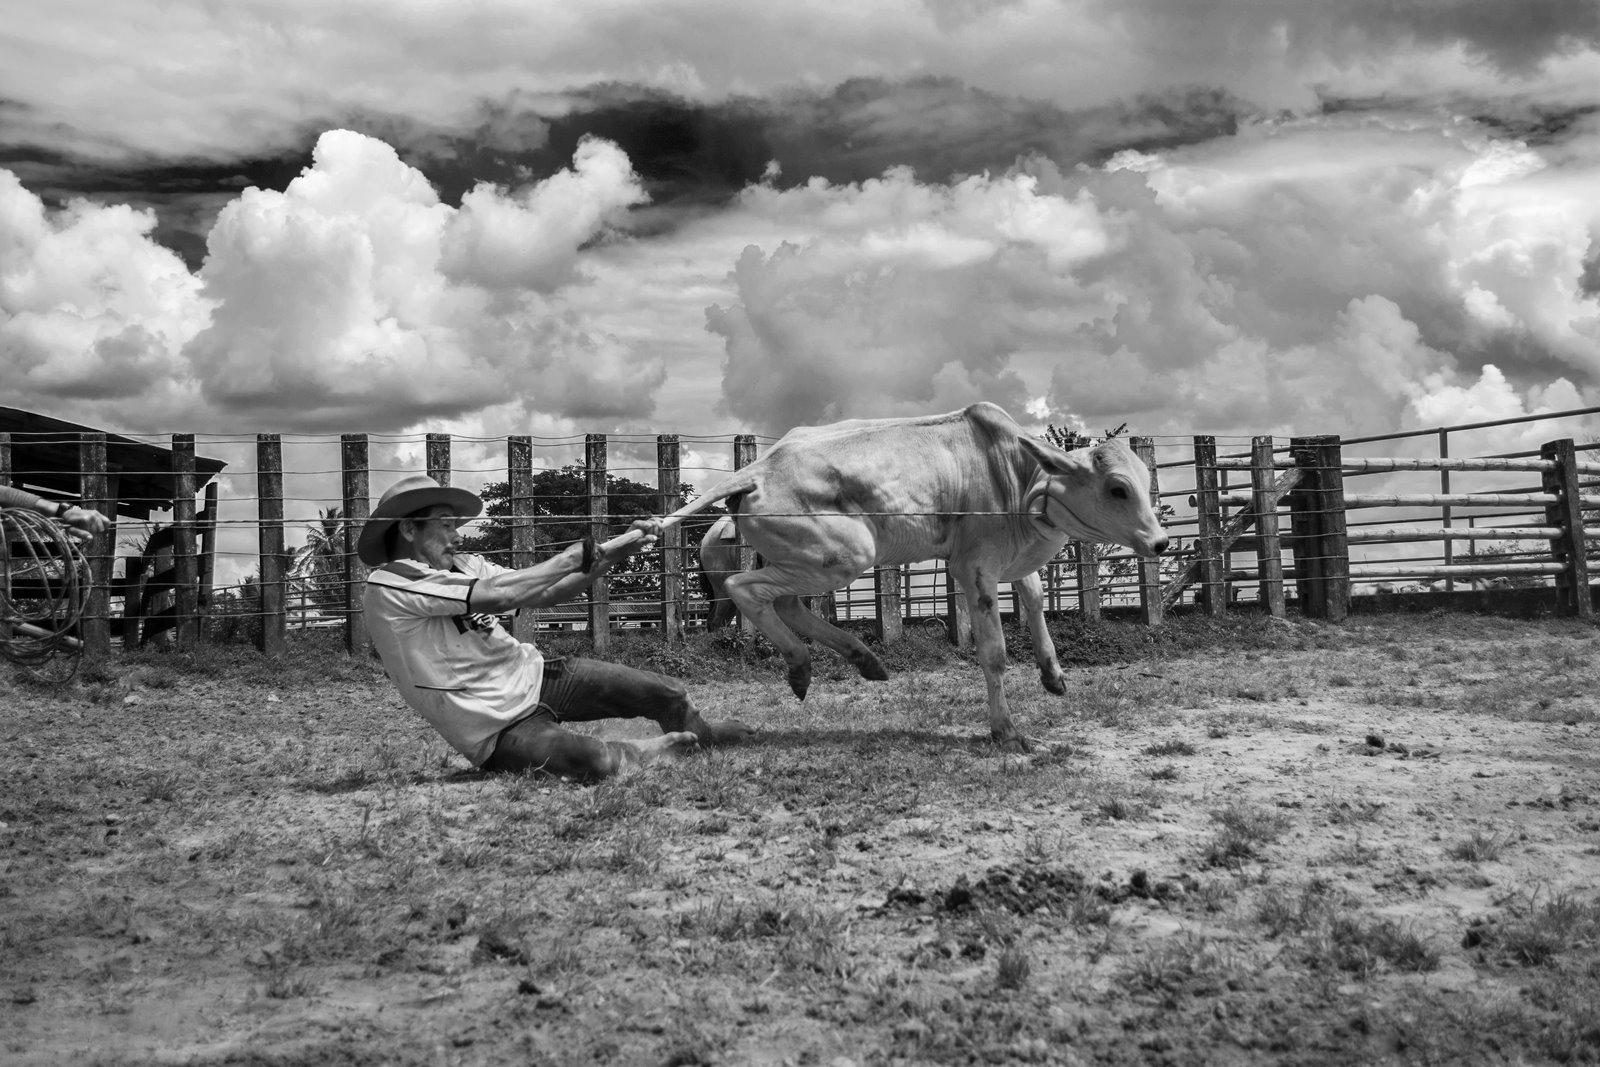 «No me llames cowboy»: un día con los llaneros del Casanare